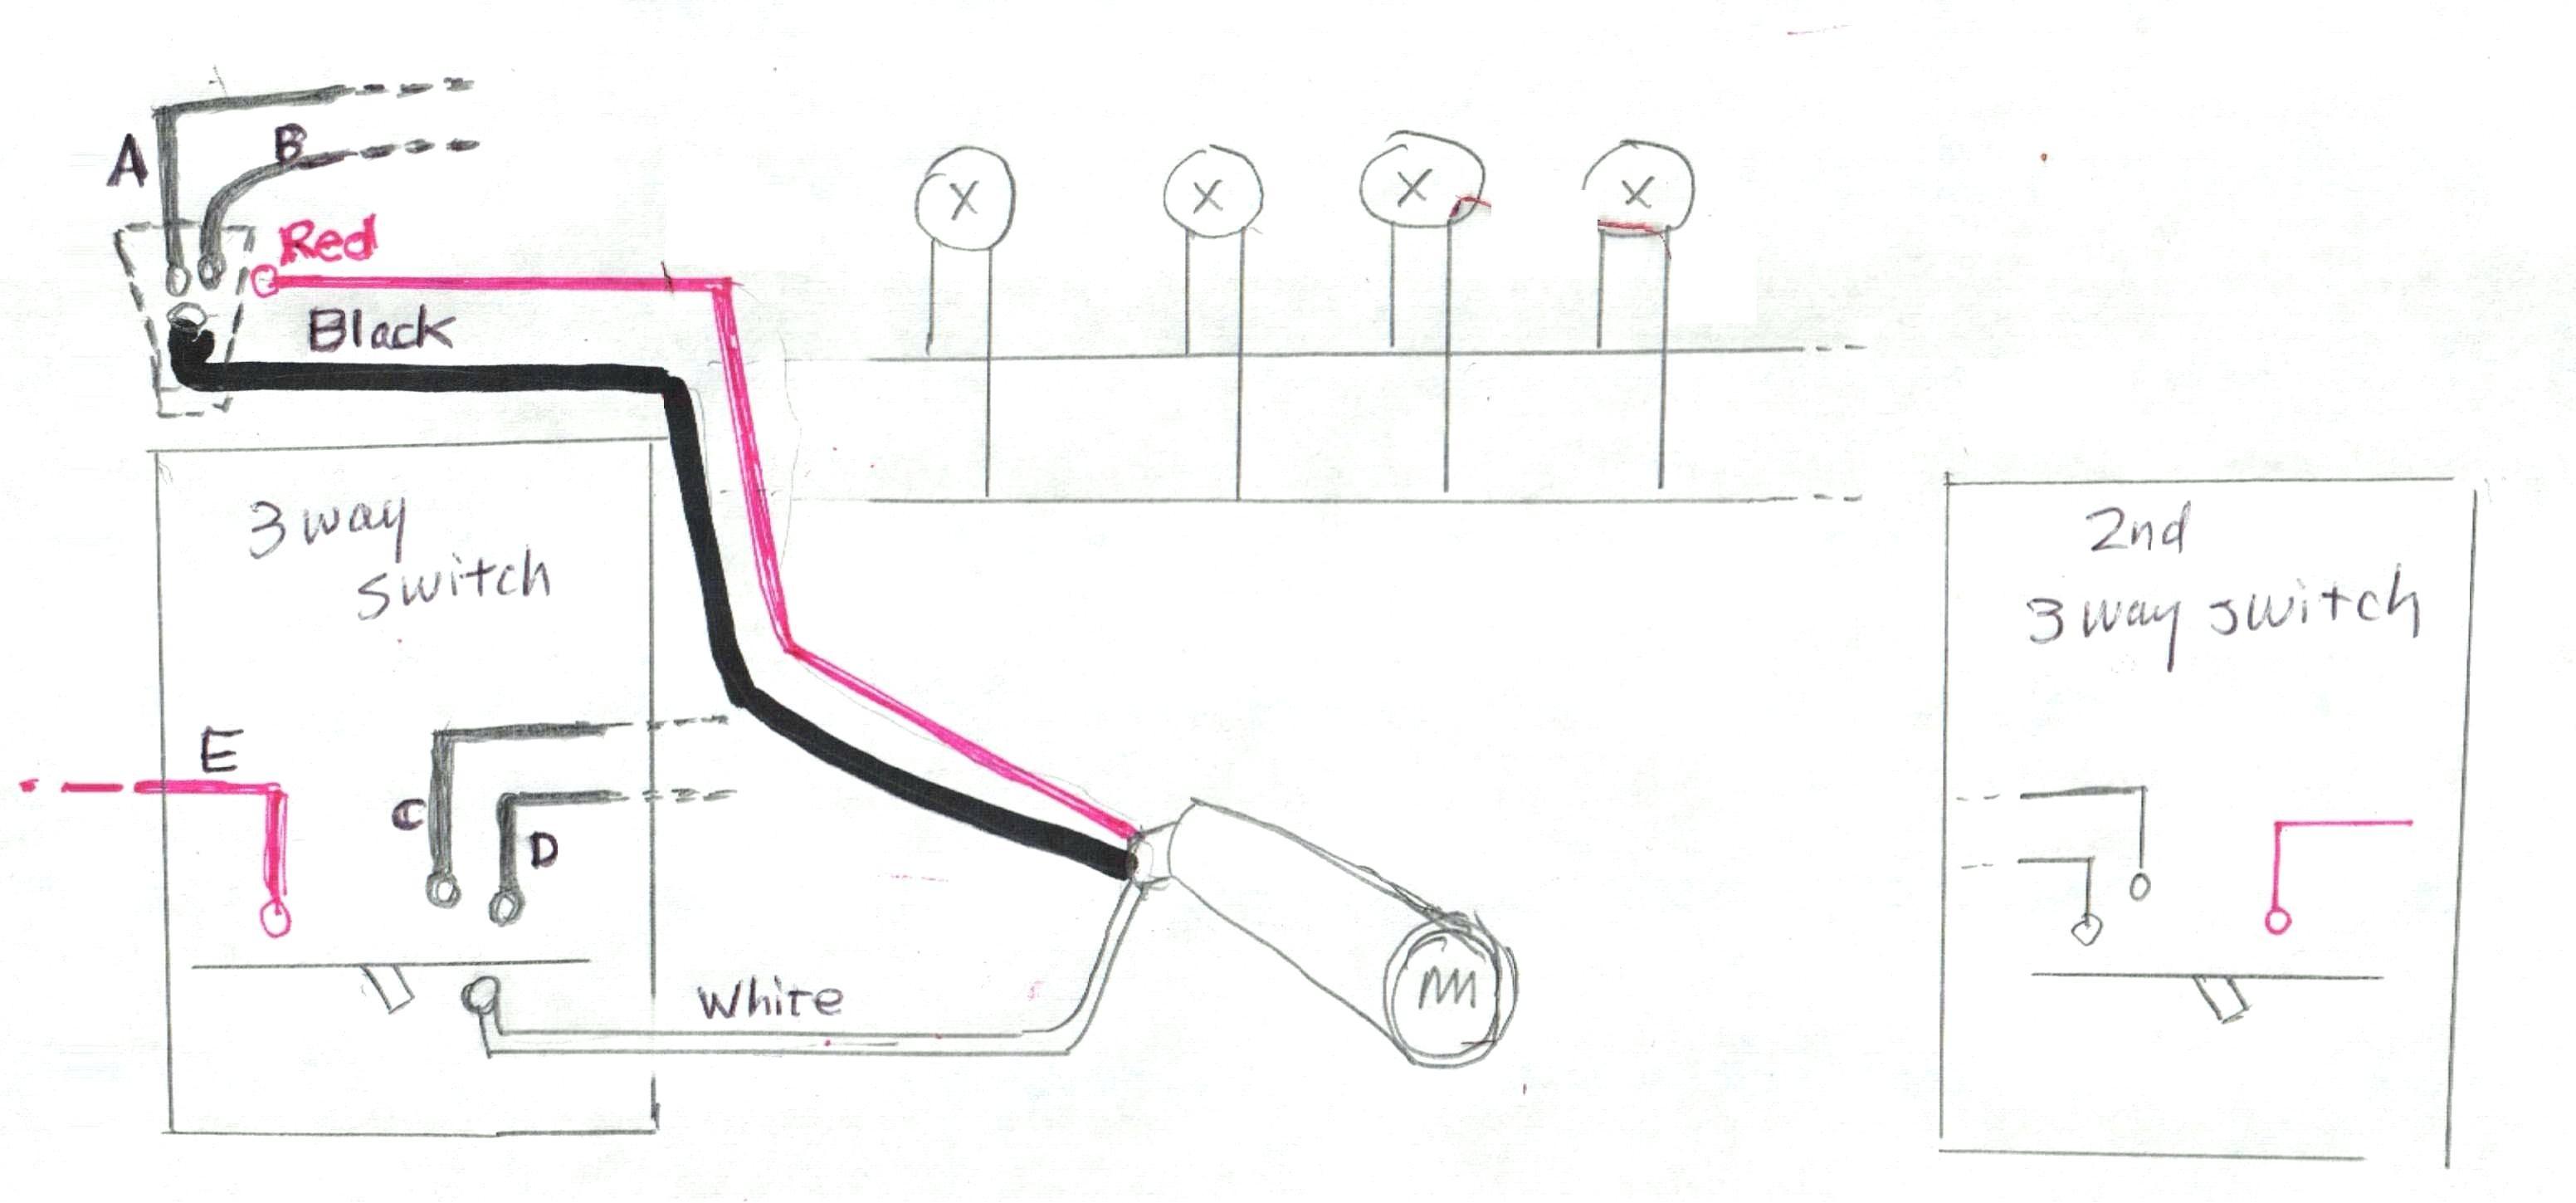 Subaru Legacy Alarm Wiring Diagram Not Lossing Of Fuses 2013 Diagrams Rh 64 Crocodilecruisedarwin Com 1998 Fuse 2010